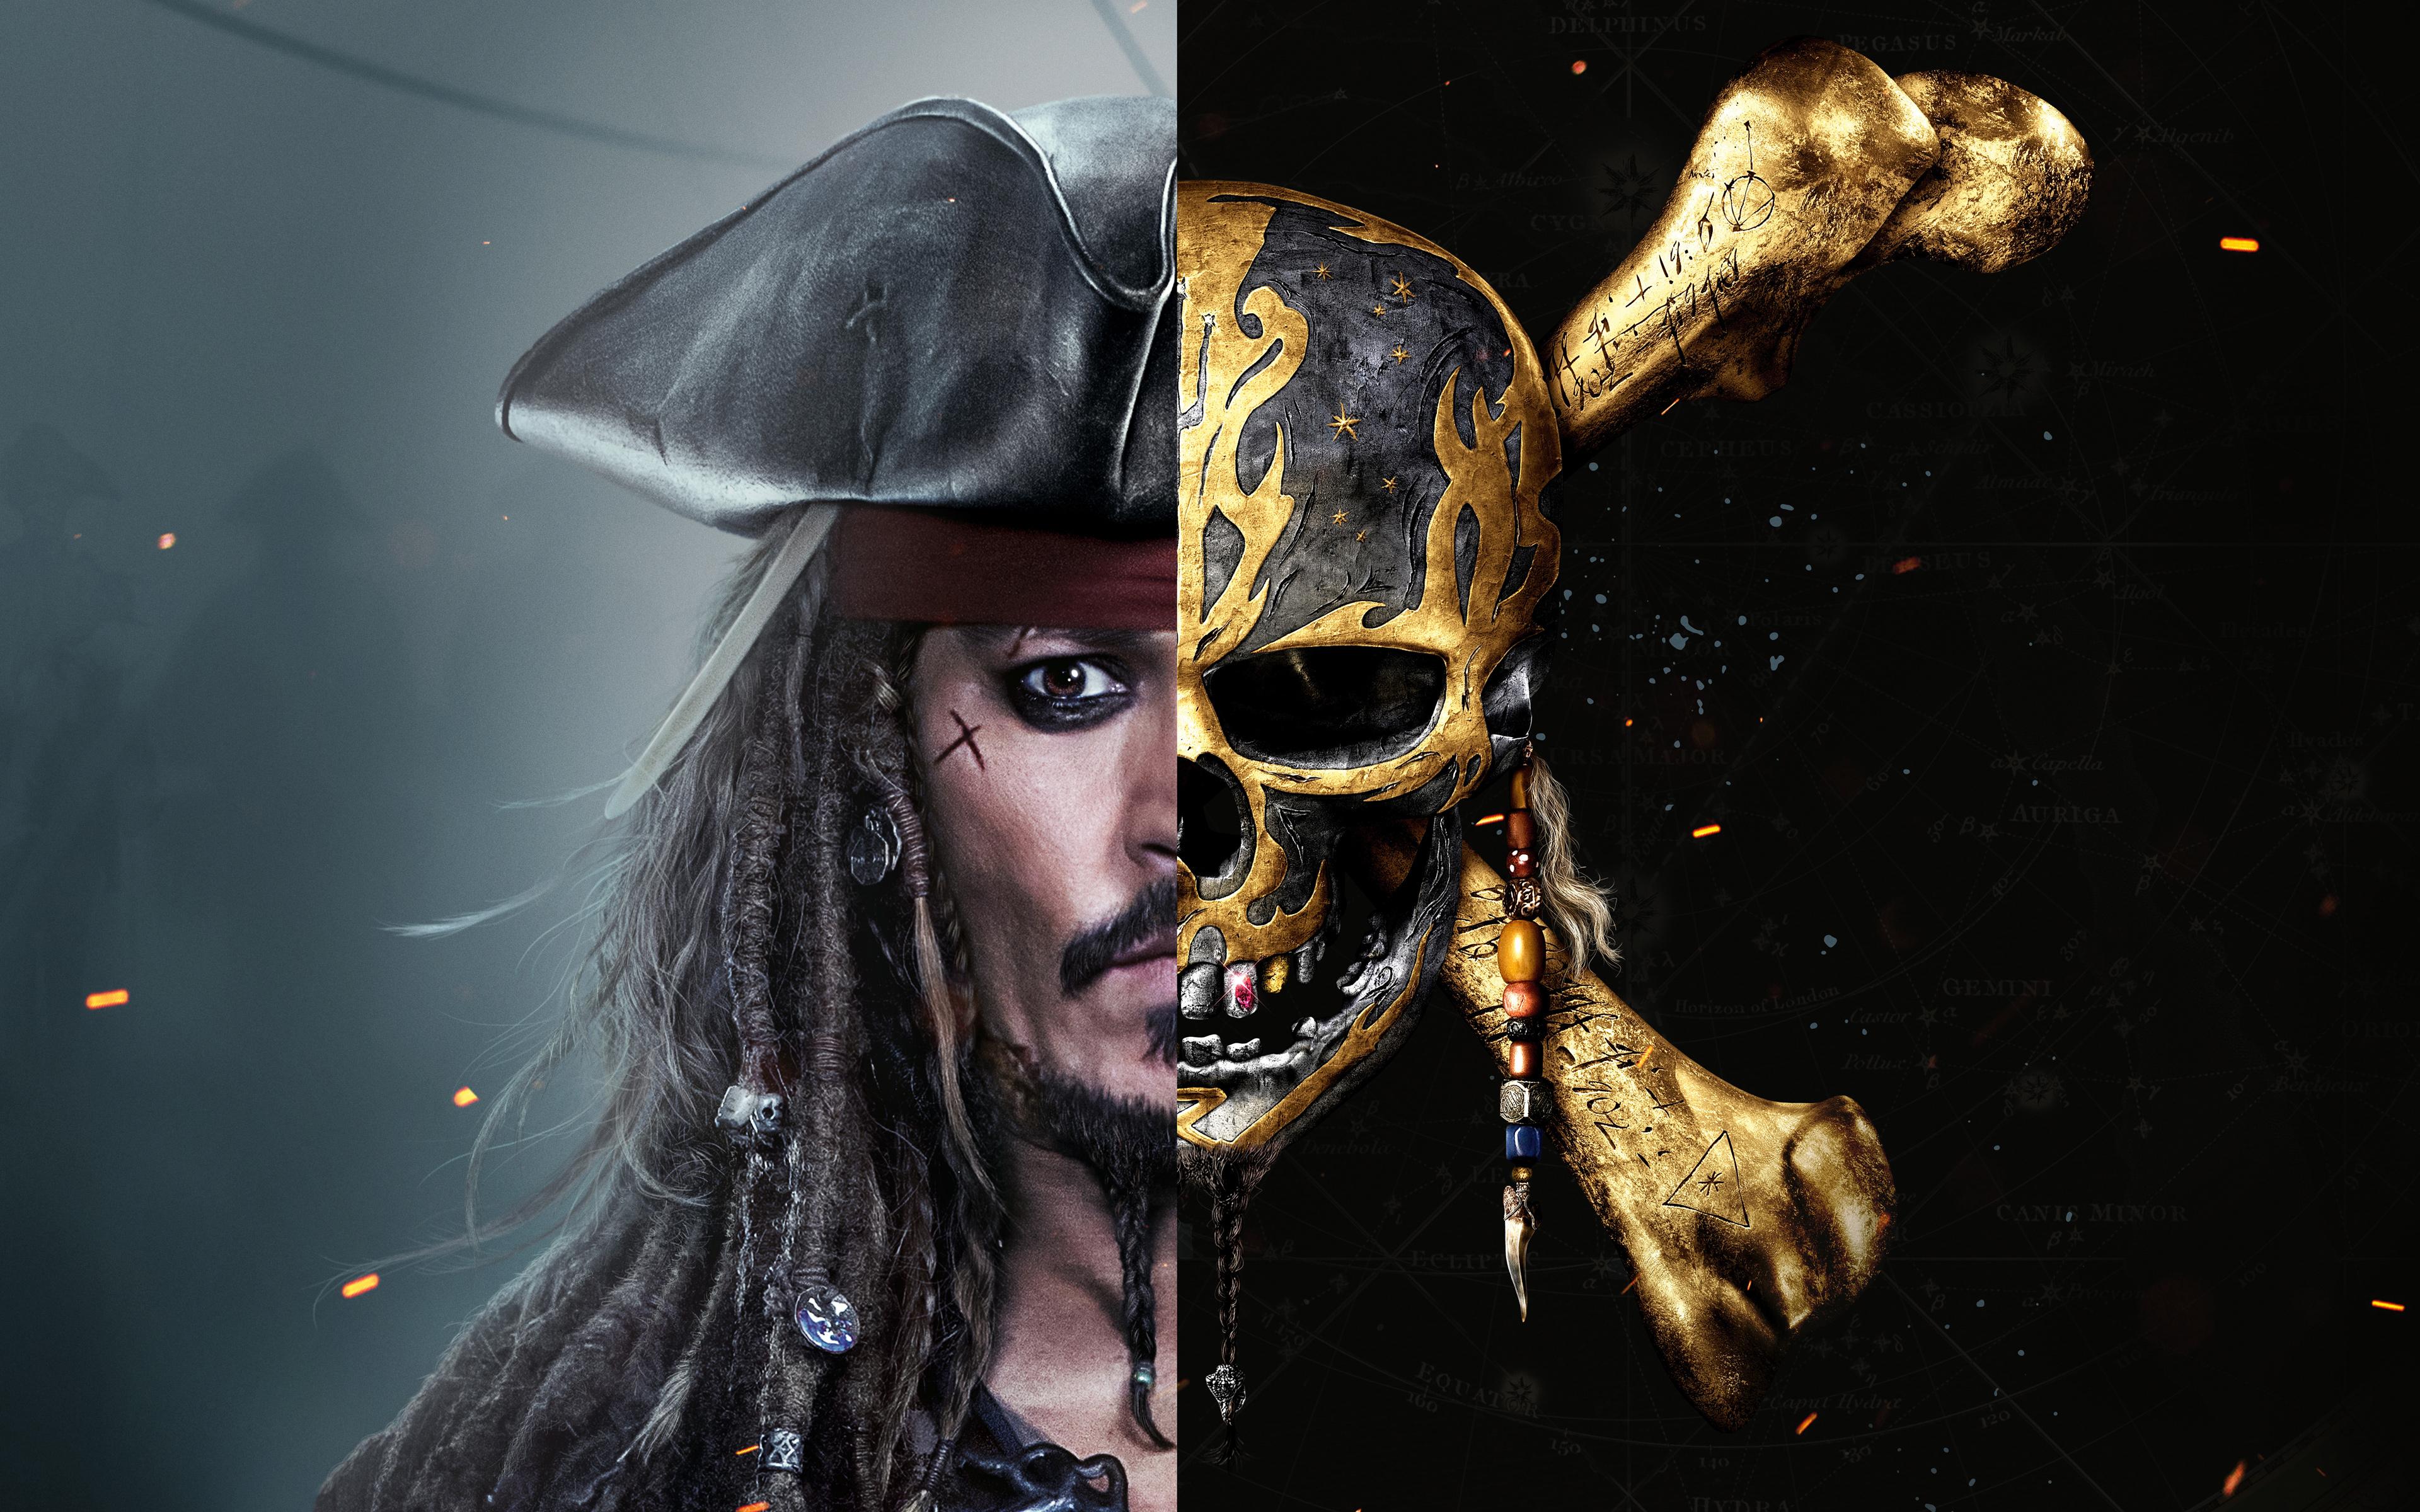 Fondos De Pantalla Piratas Del Caribe Jack Sparrow